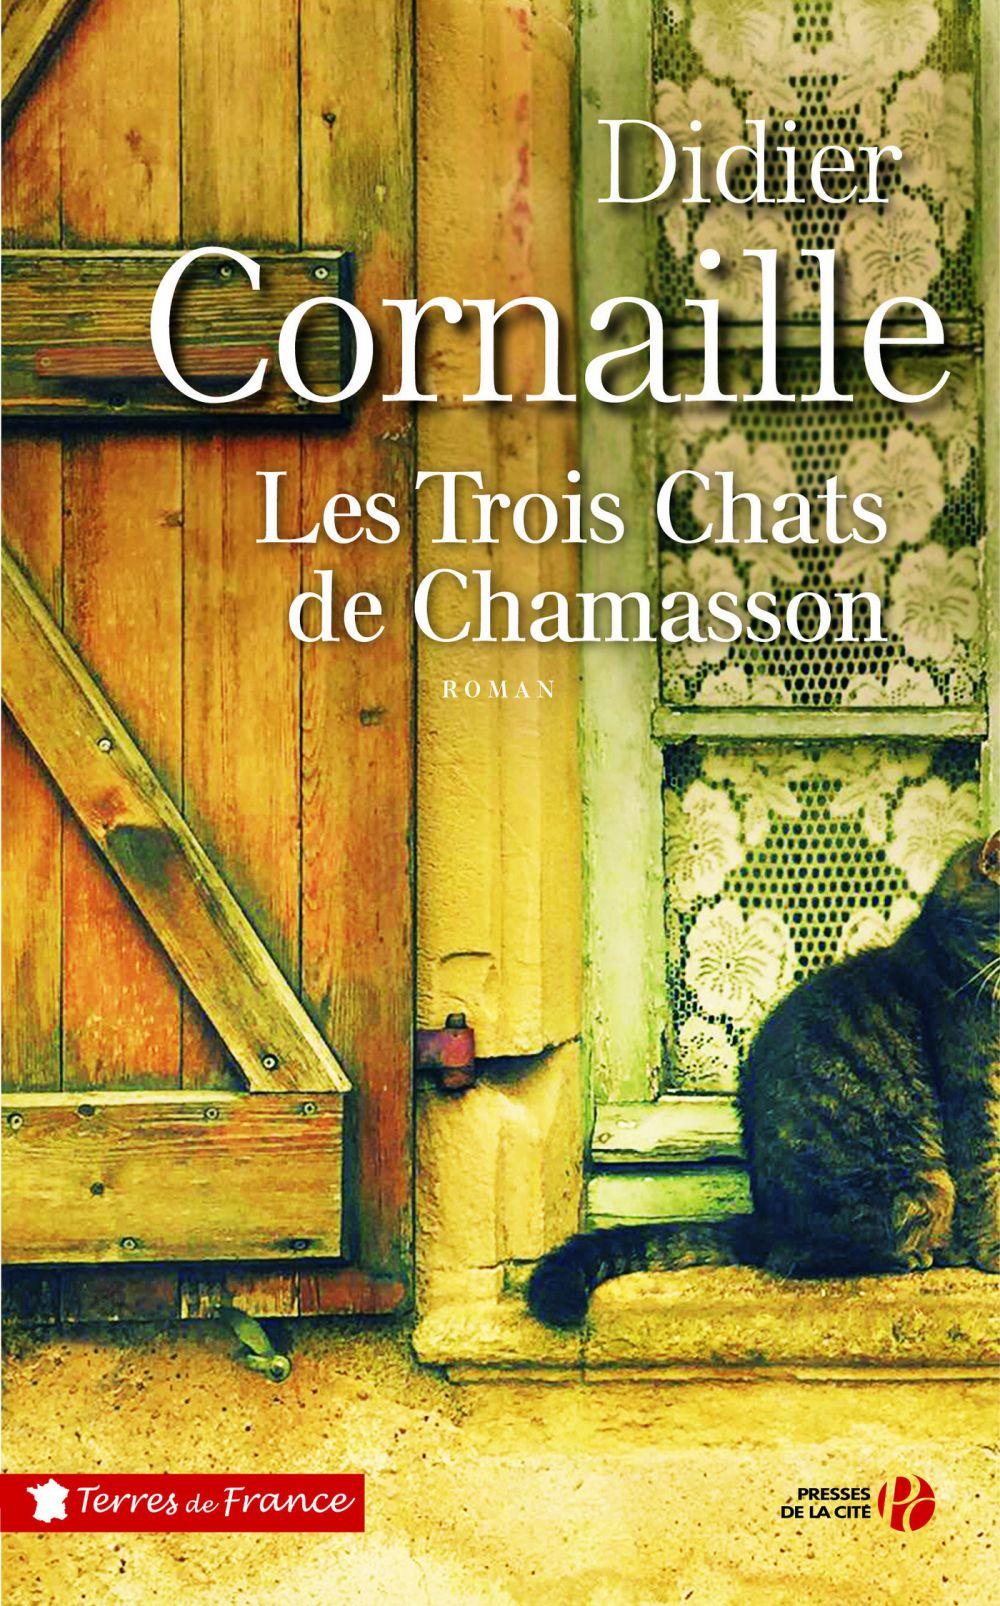 Les trois chats de Chamasson | CORNAILLE, Didier. Auteur